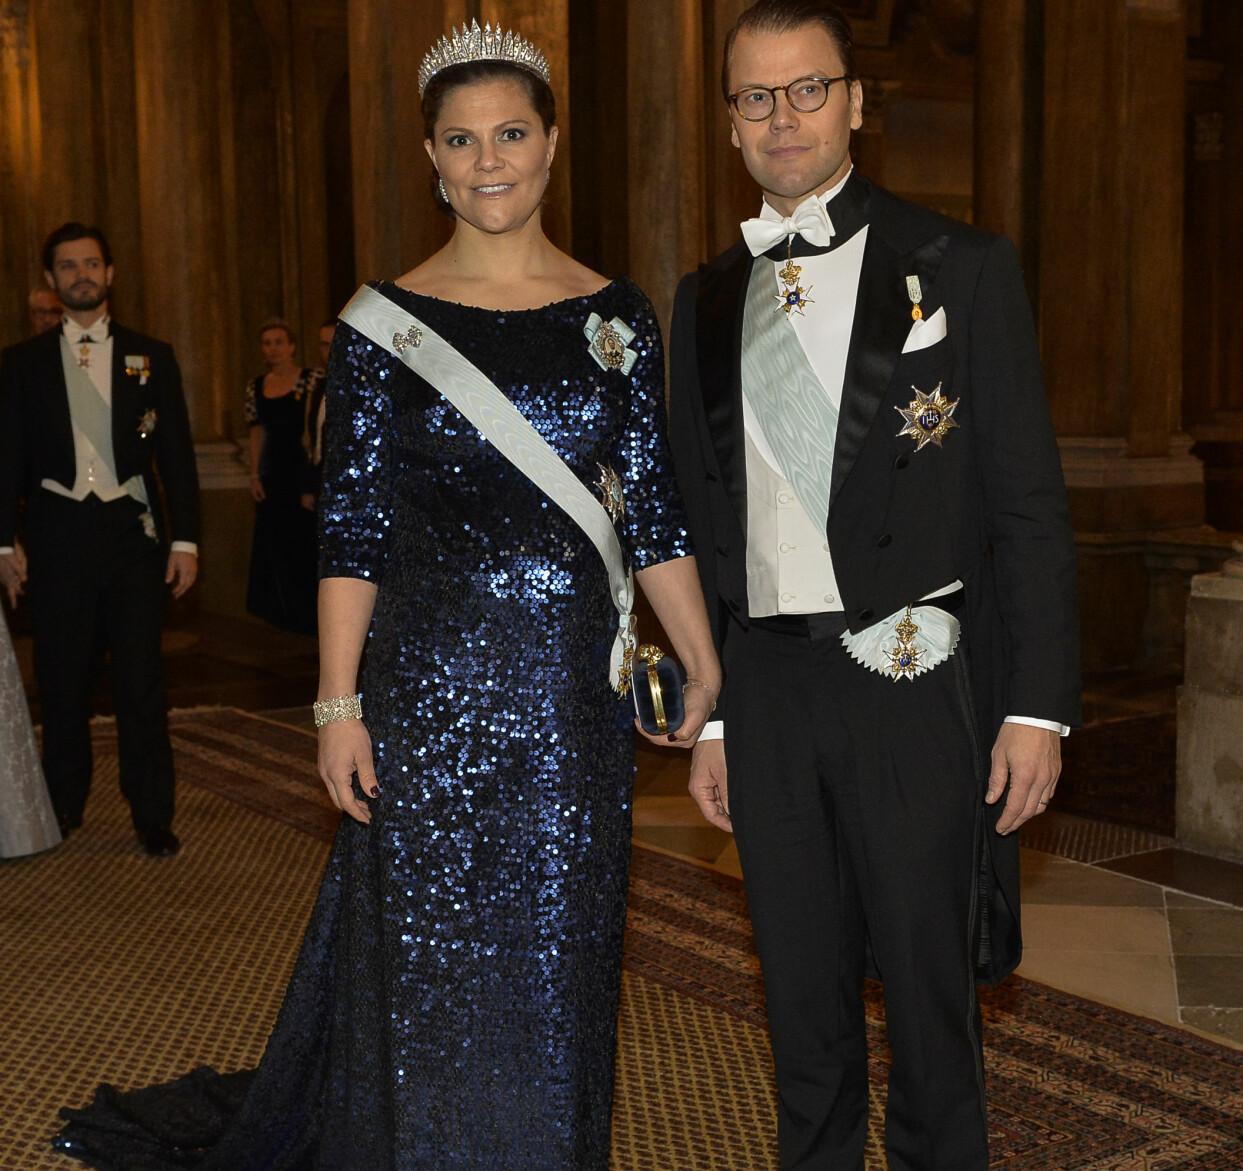 Kronprinsessan Victoria och prins Daniel under kungamiddagen i slottet i Stockholm 2015.